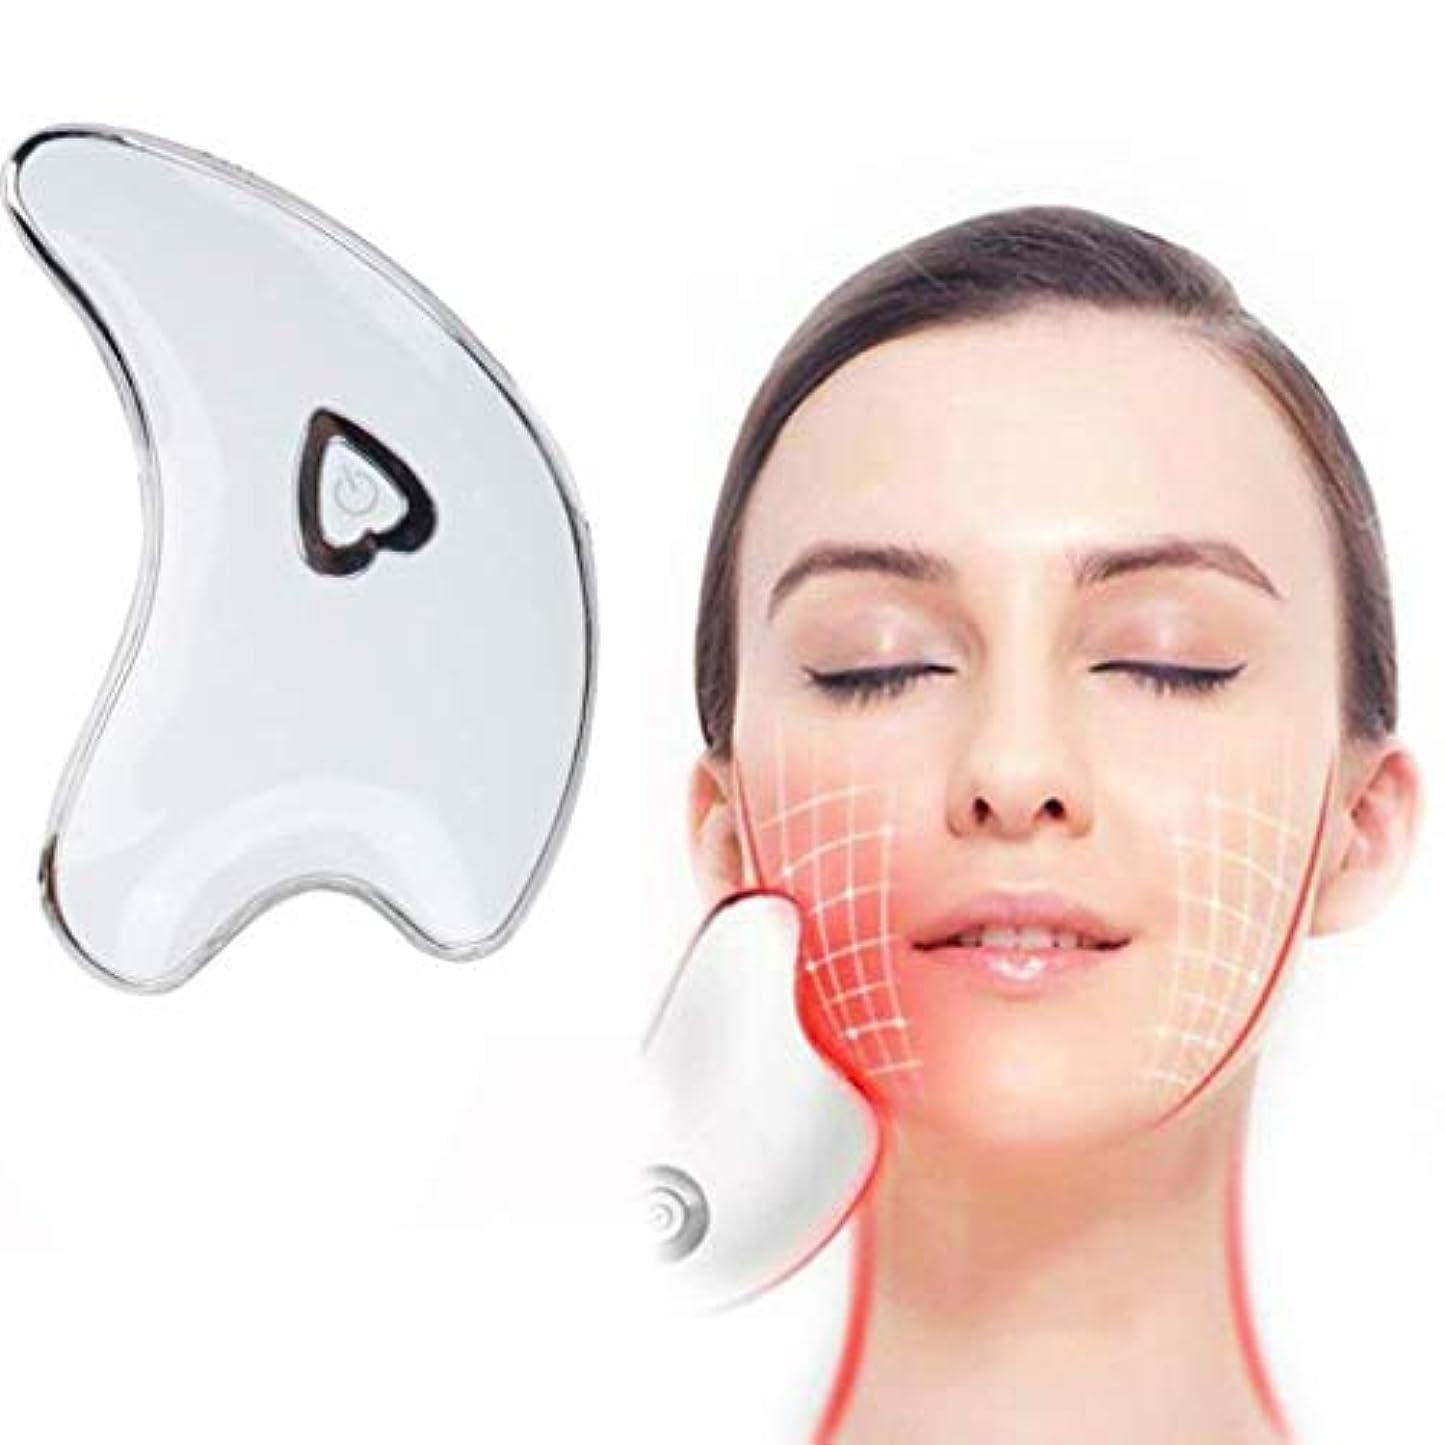 着替える基礎理論時代フェイシャルスクレーピングマッサージャー、ネックスクレーピングマッサージボード、ダークサークルを防止するためのツールマイクロカレントバイブレーションアンチシワ、薄い顔の引き締め肌の引き締め (Color : White)